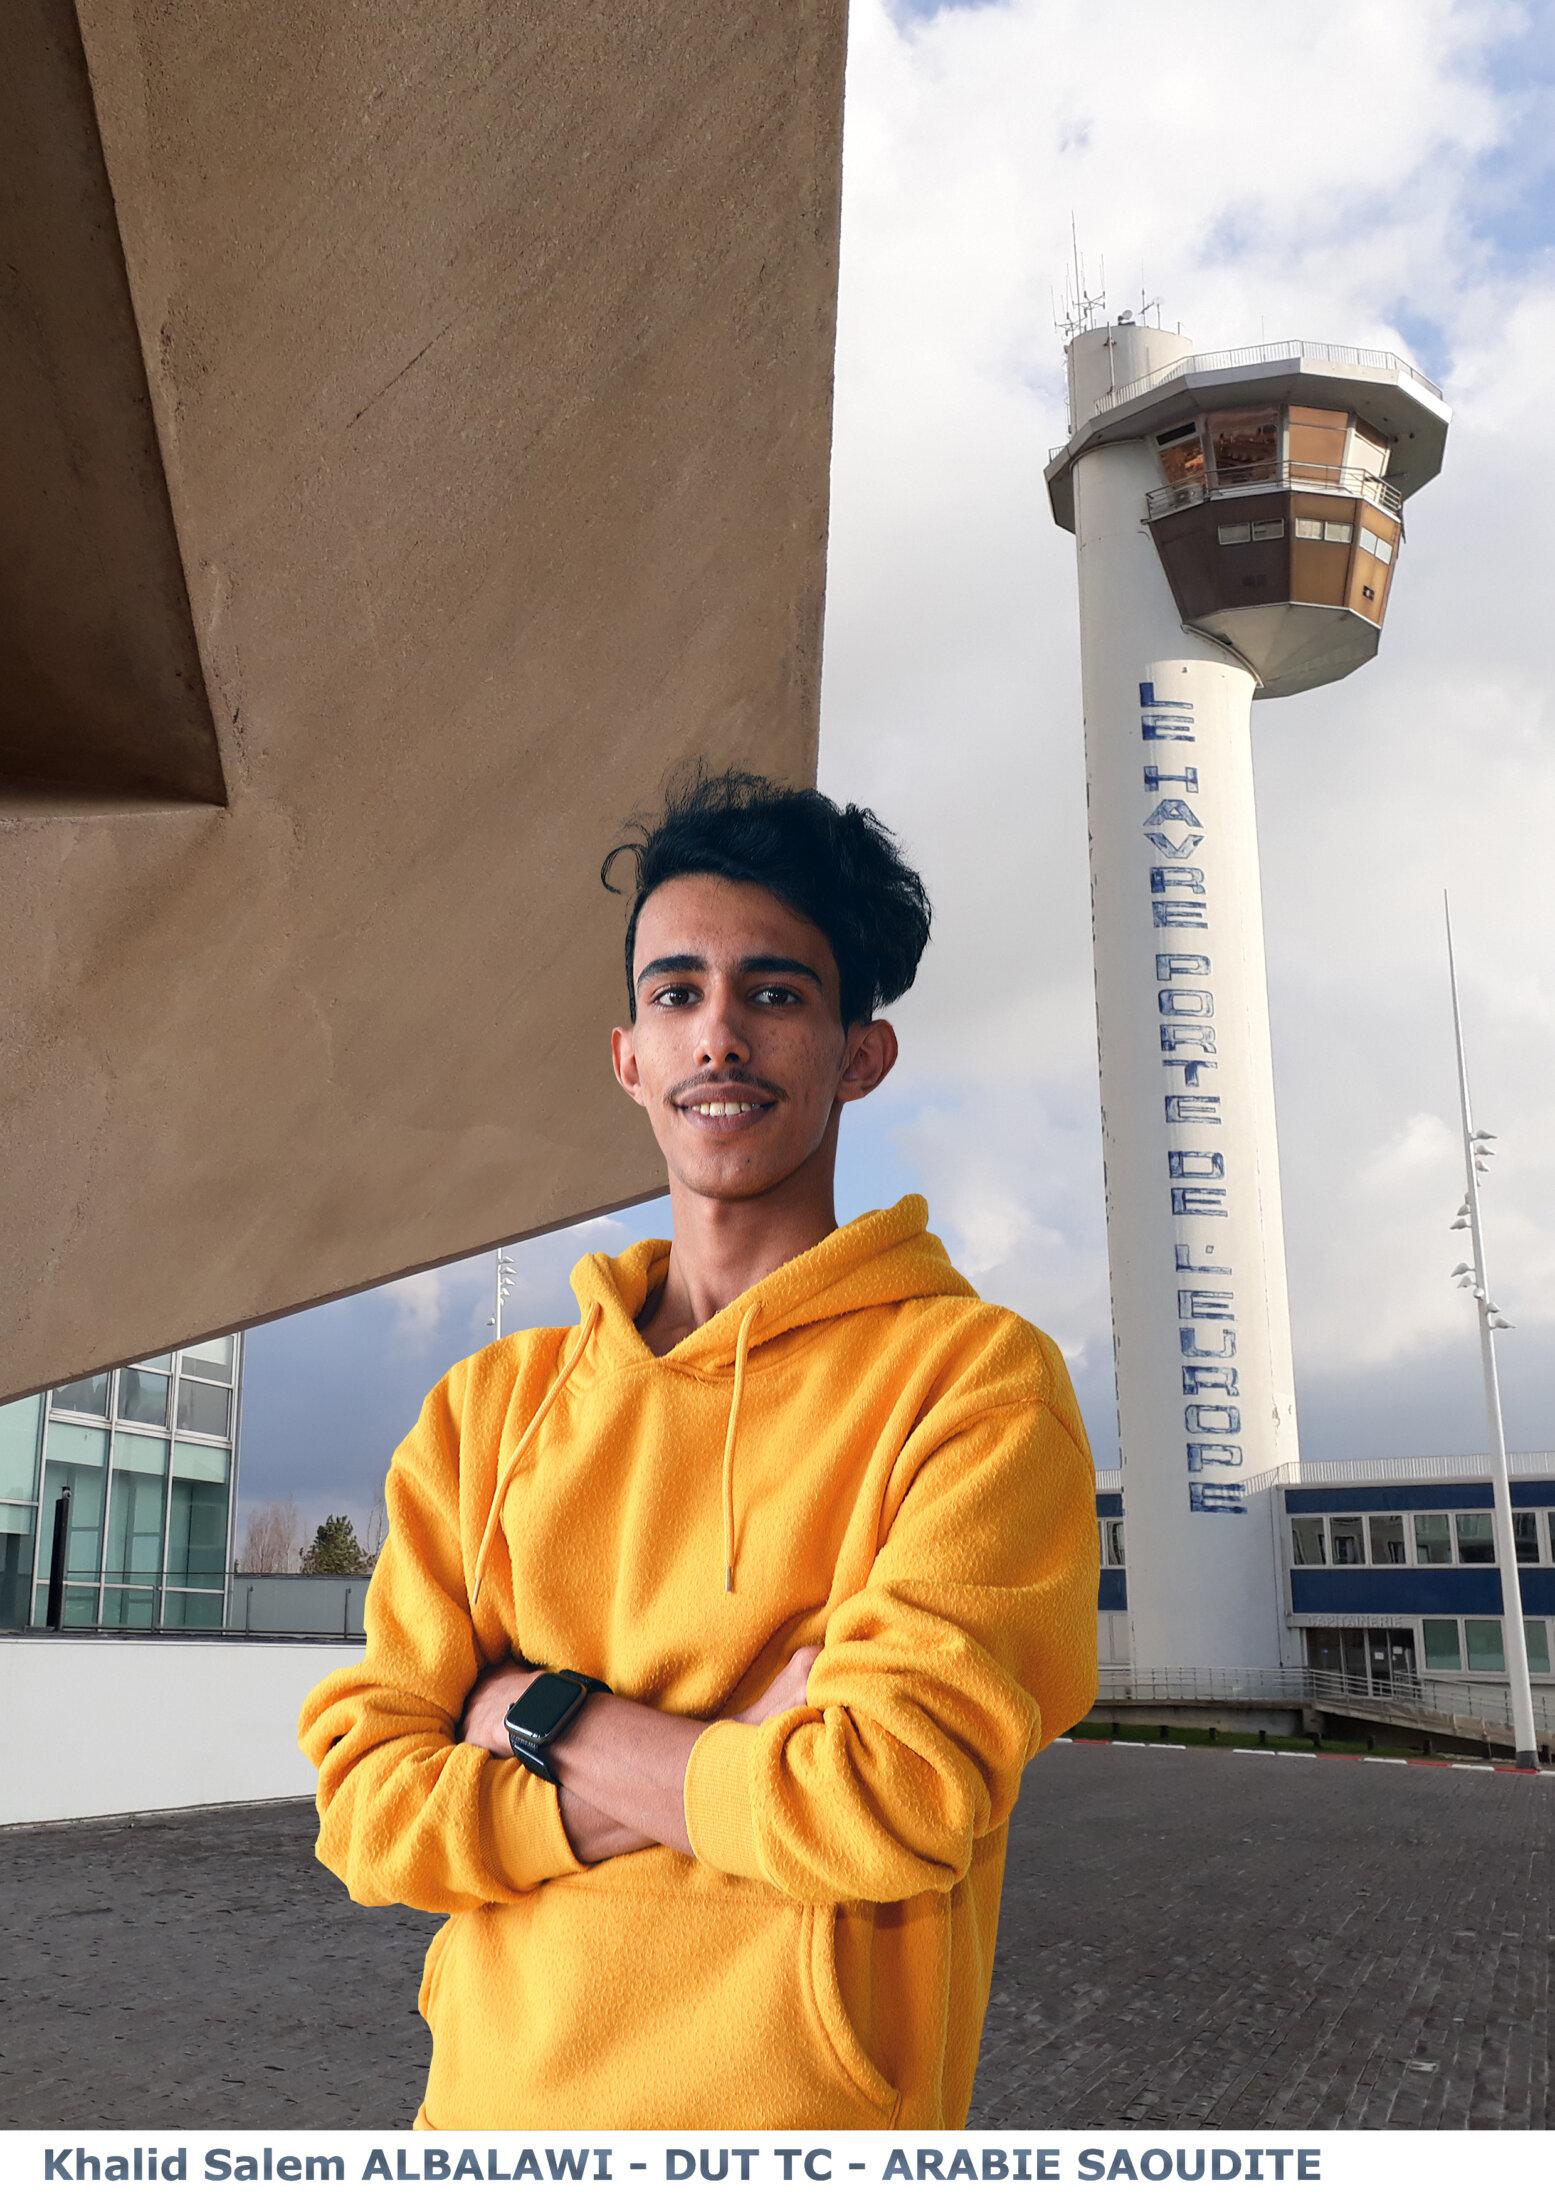 Khalid Salem ALBALAWI - DUT TC - ARABIE SAOUDITE